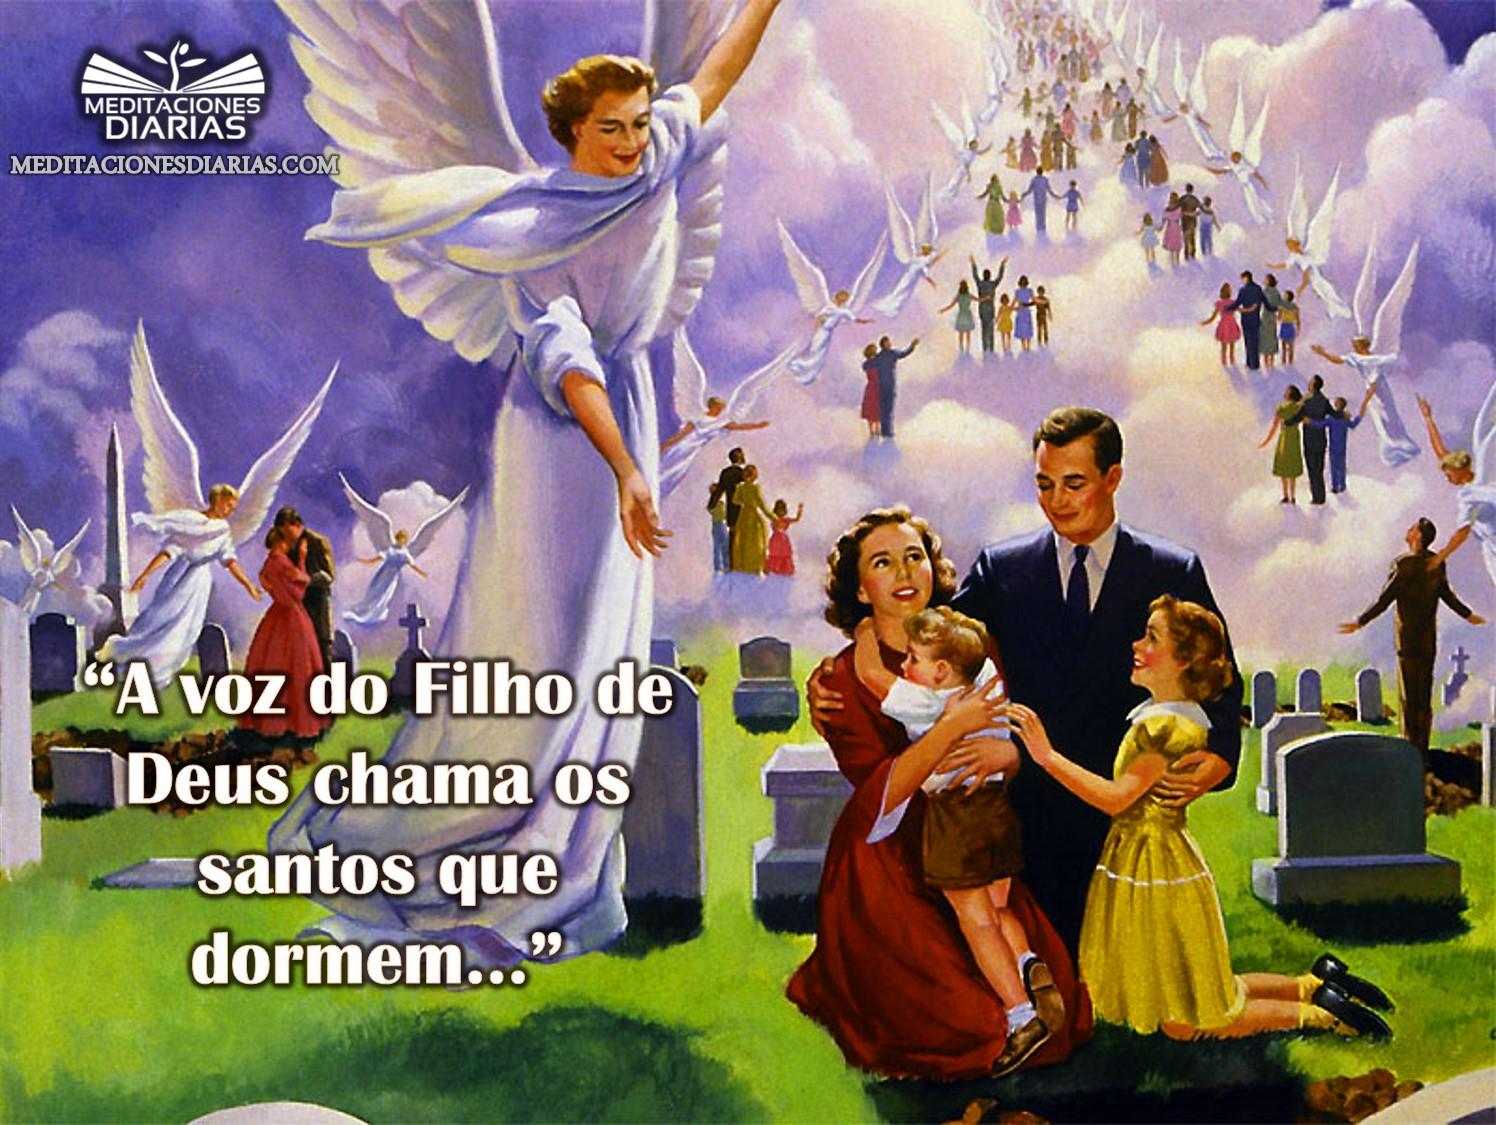 A ressurreição geral dos justos